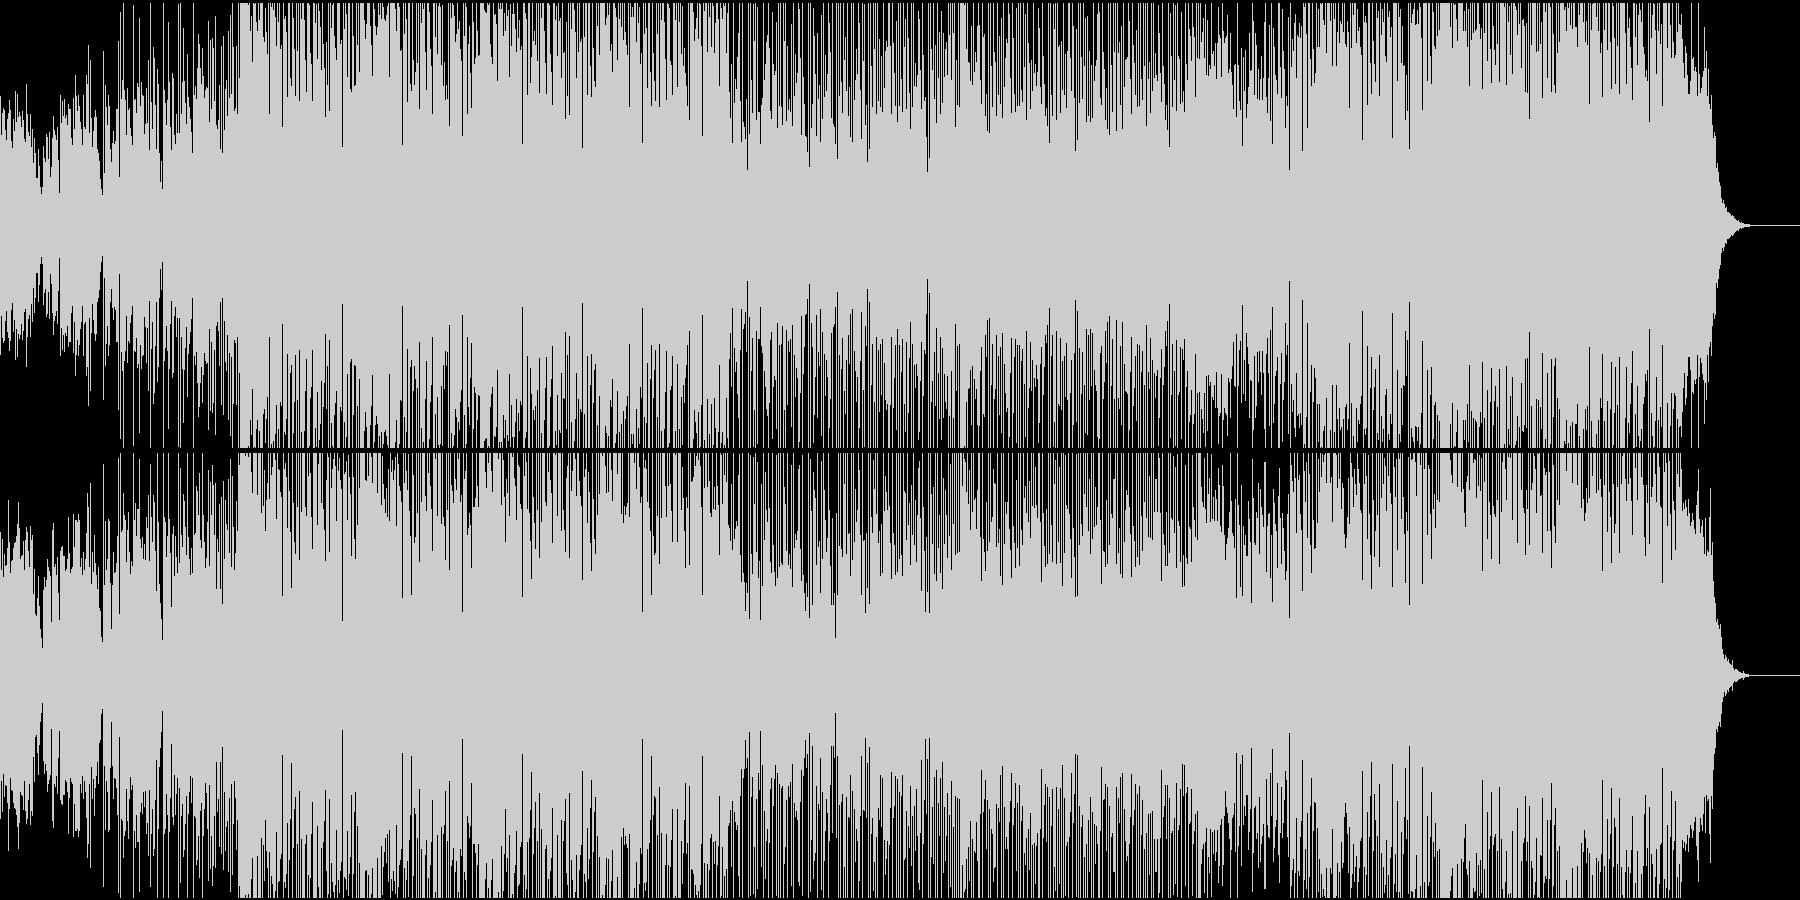 緊迫感のあるヒップホップBGMの未再生の波形